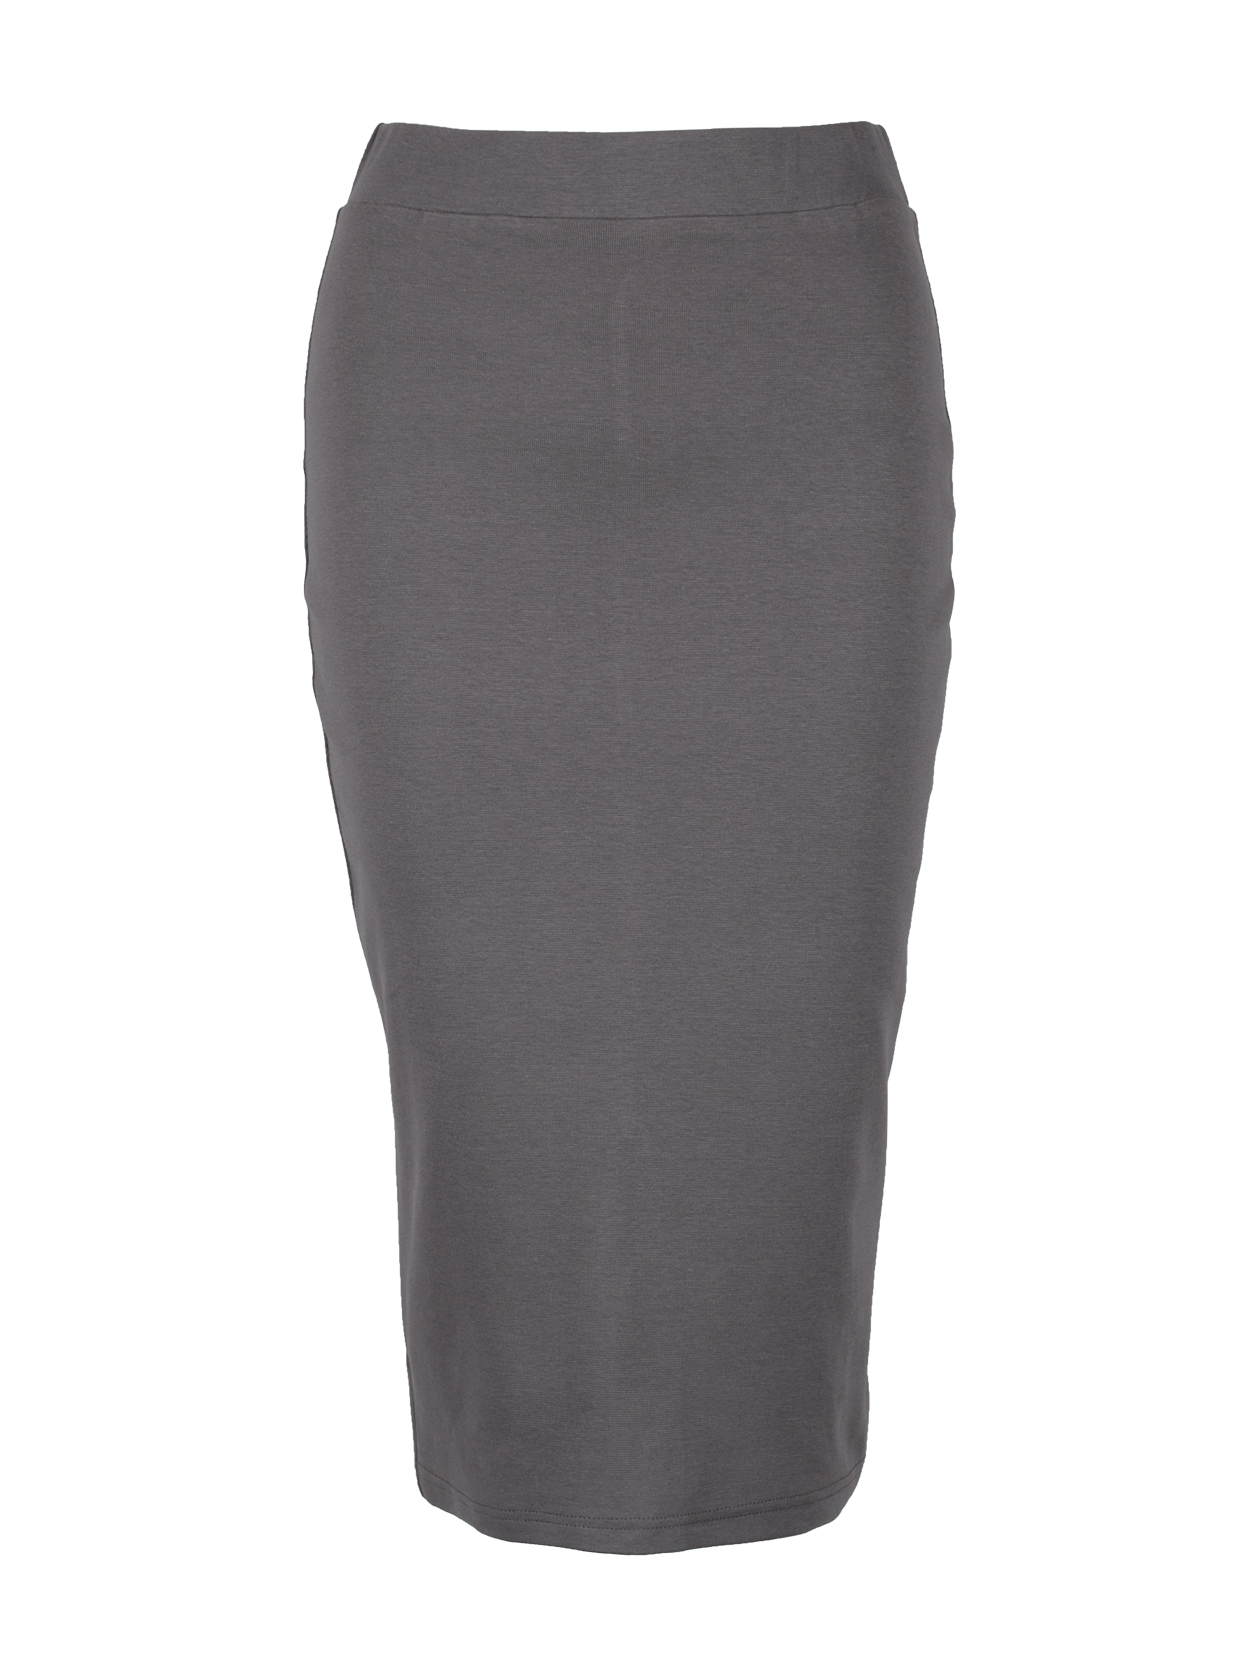 Юбка женская SKINNY BASICЮбка женская Skinny Basic от бренда Black Star Wear – стильное дополнение повседневного гардероба. Модель сшита из практичного материала премиального качества. Облегающий крой «карандаш» с длиной по колено подходит для любого типа фигуры. Пояс средней ширины хорошо фиксирует изделие на талии. Юбка представлена в двух цветовых вариантах – черном и сером. Может носиться со спортивной и классической одеждой и обувью.<br><br>Размер: M<br>Цвет: Серый<br>Пол: Женский